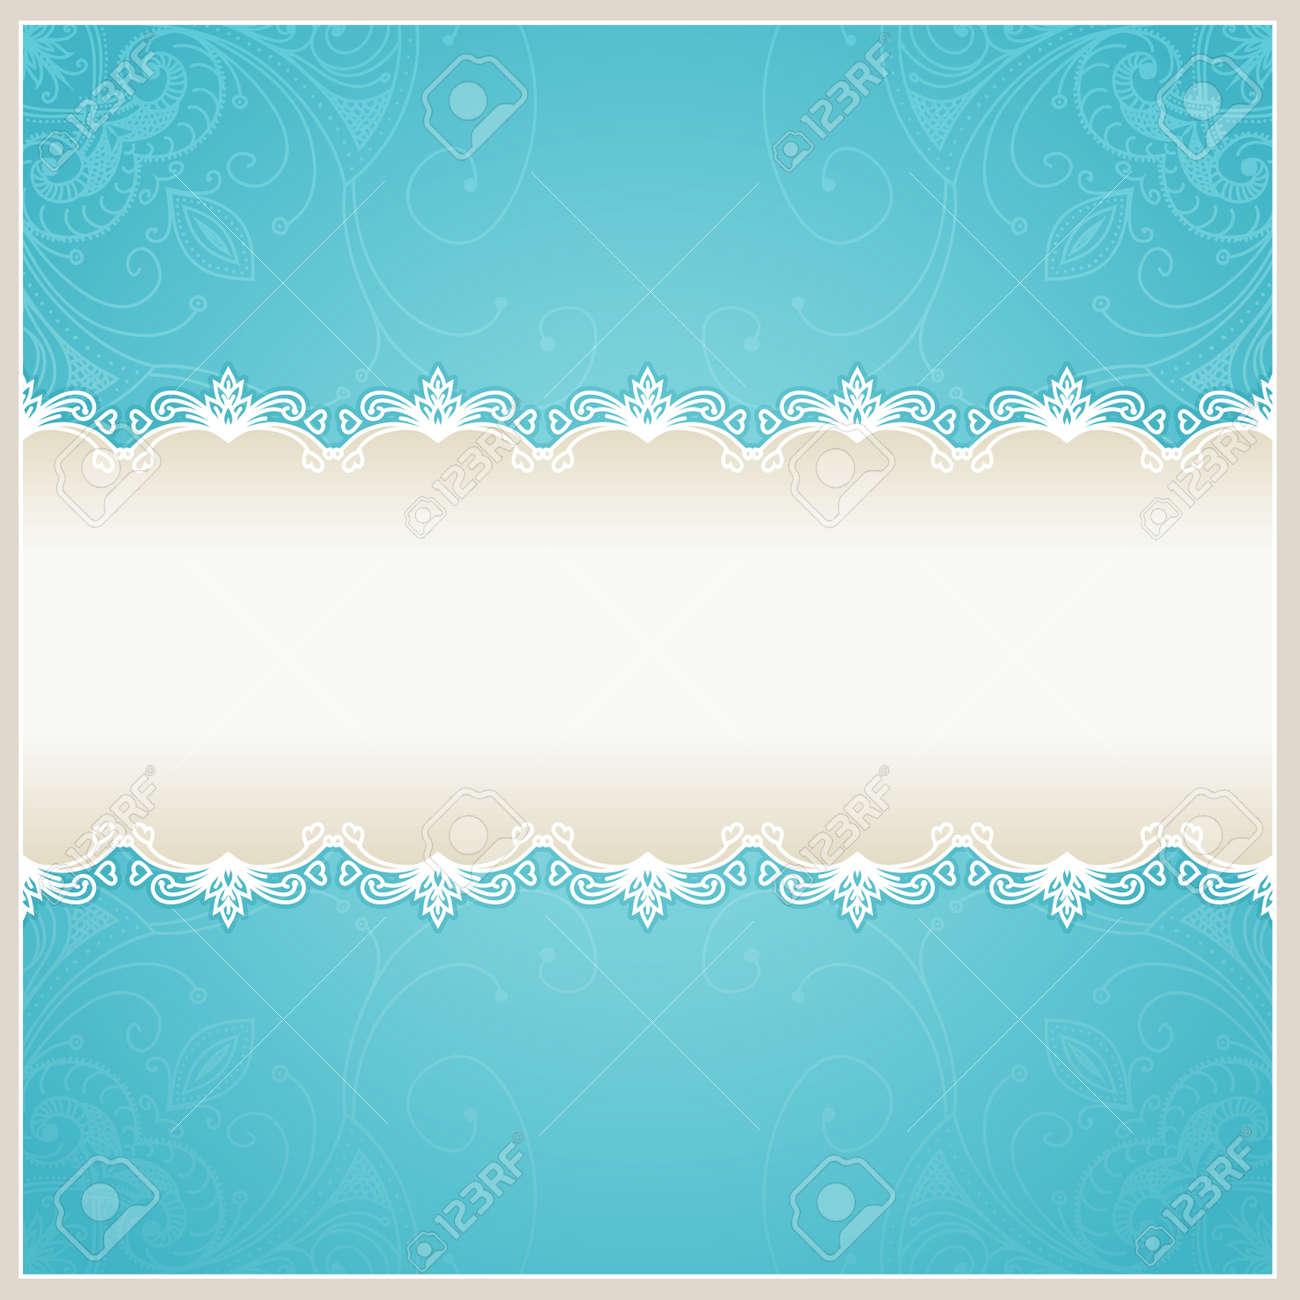 Floral Hochzeit Hintergrund. Blau-Design-Vorlage Für Banner, Karten ...